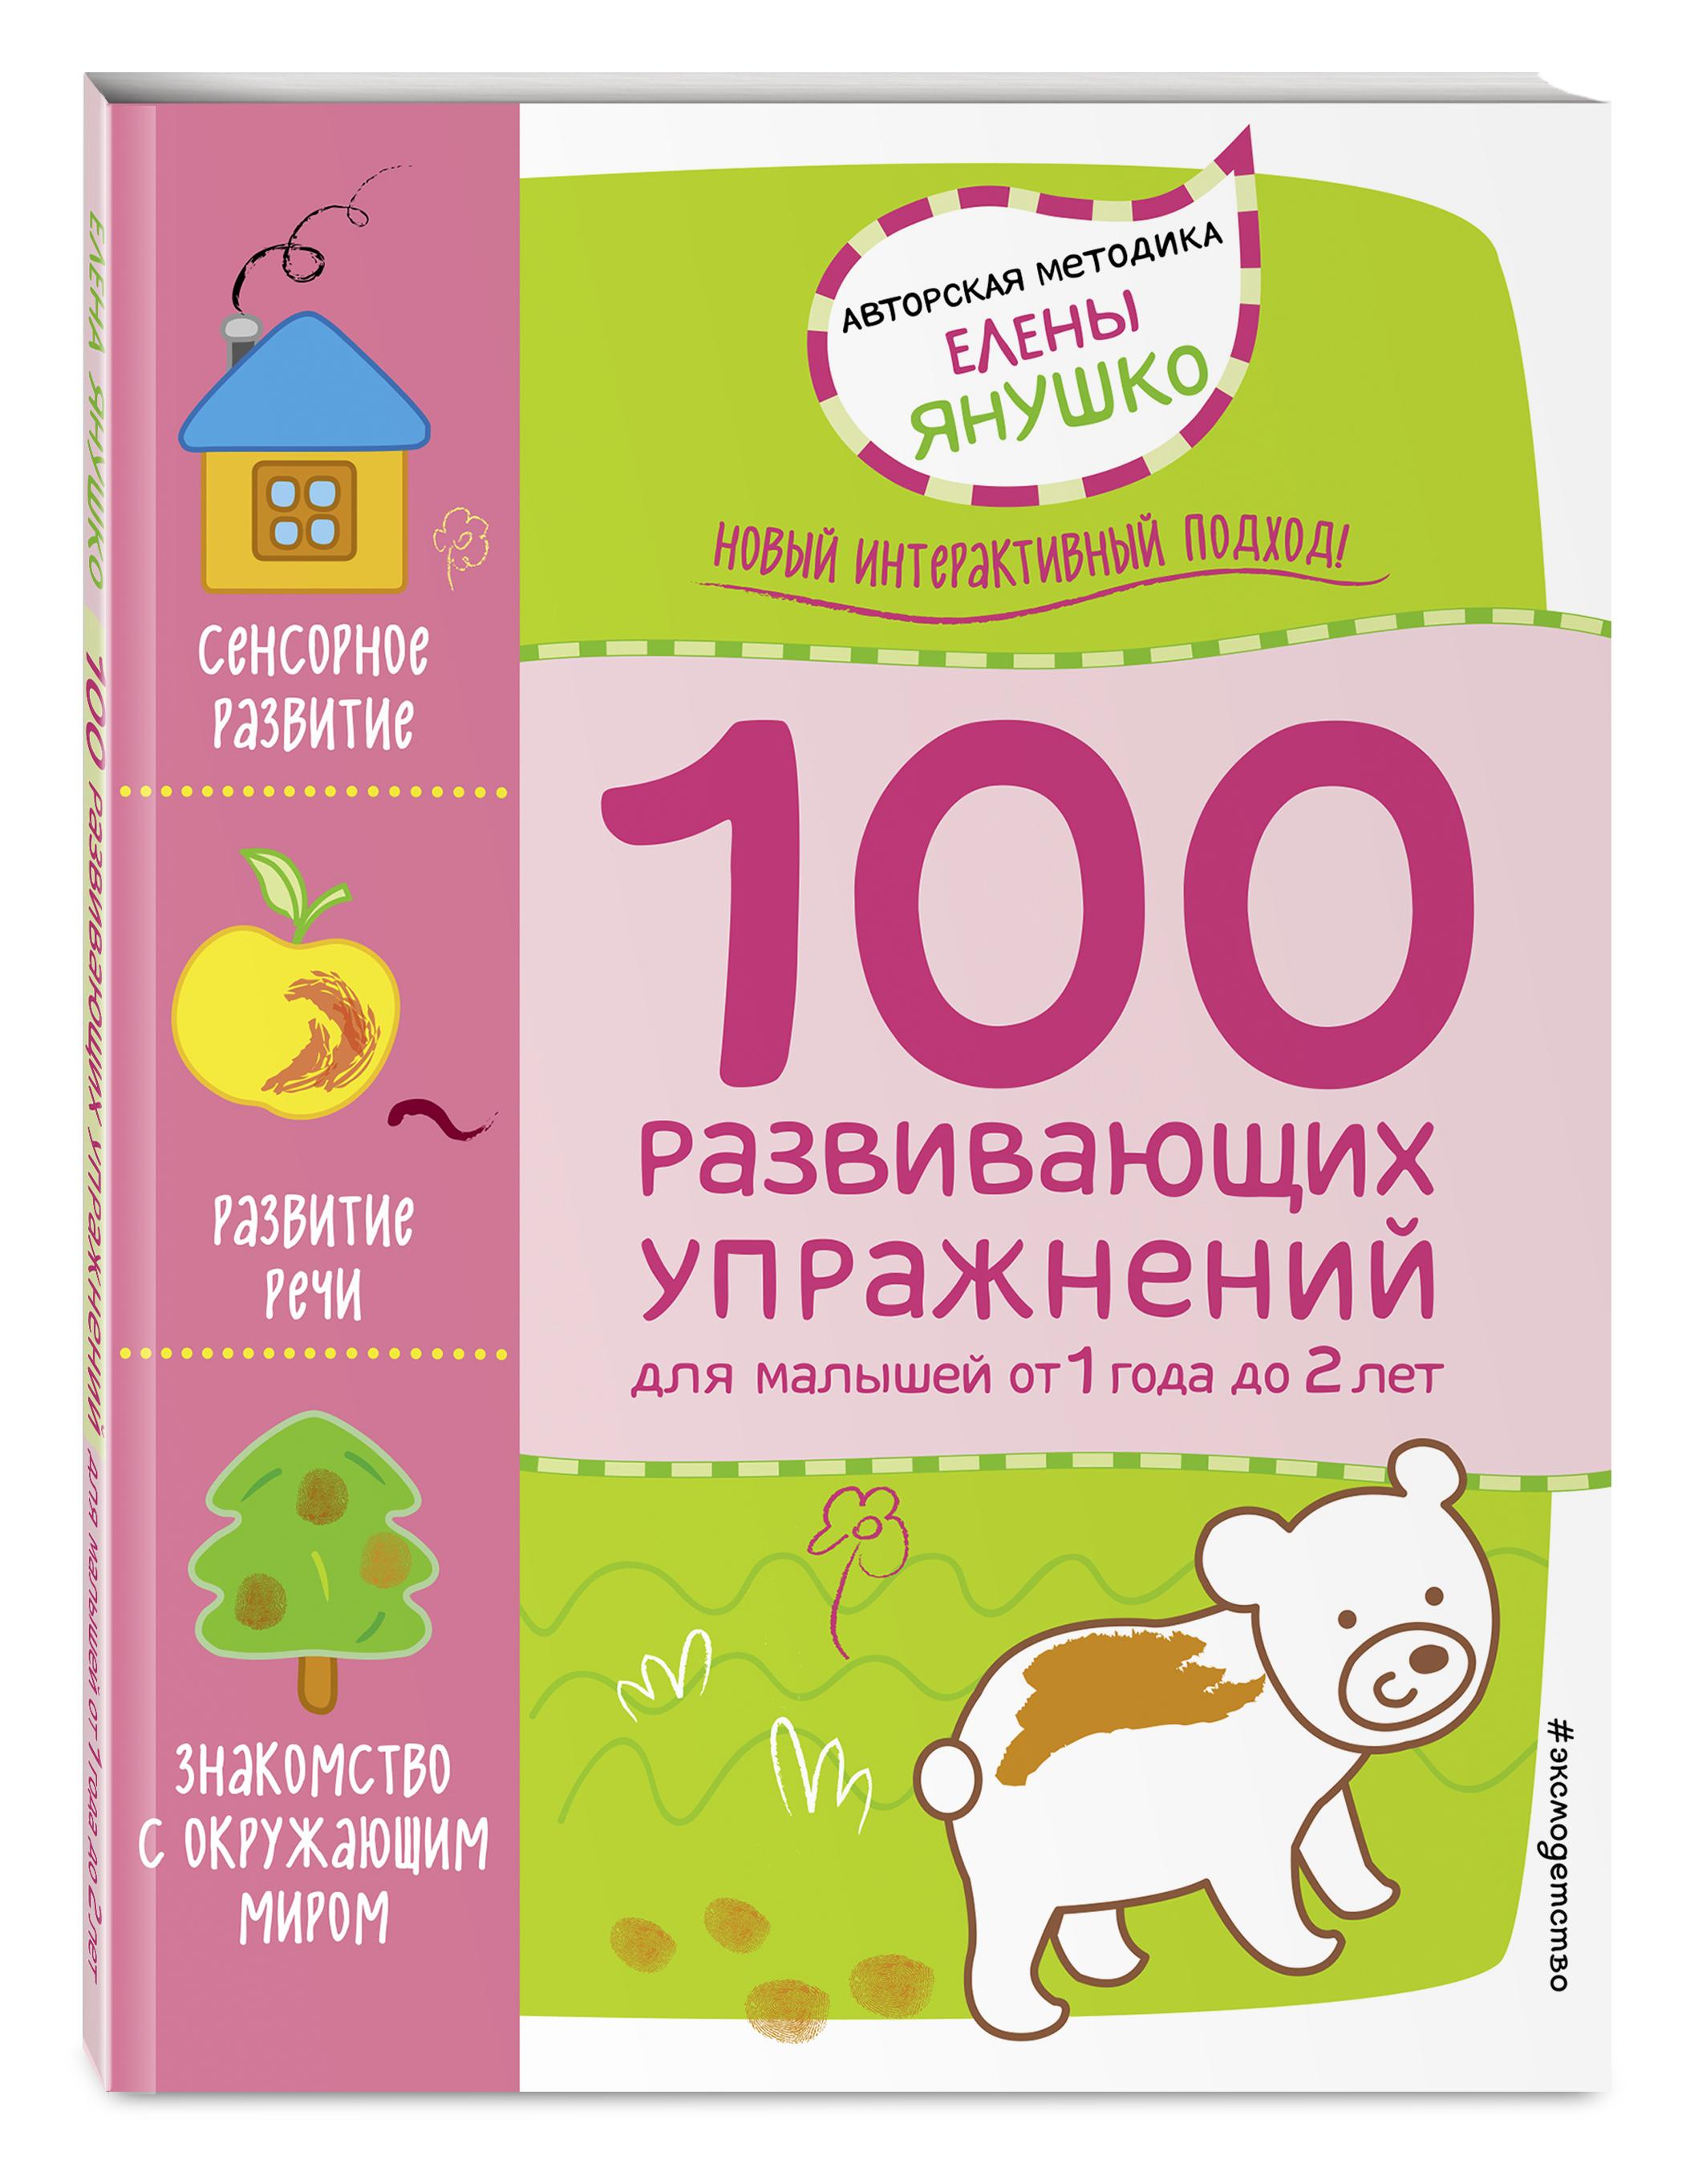 Янушко Е.А. 1+ 100 развивающих упражнений для малышей от 1 года до 2 лет